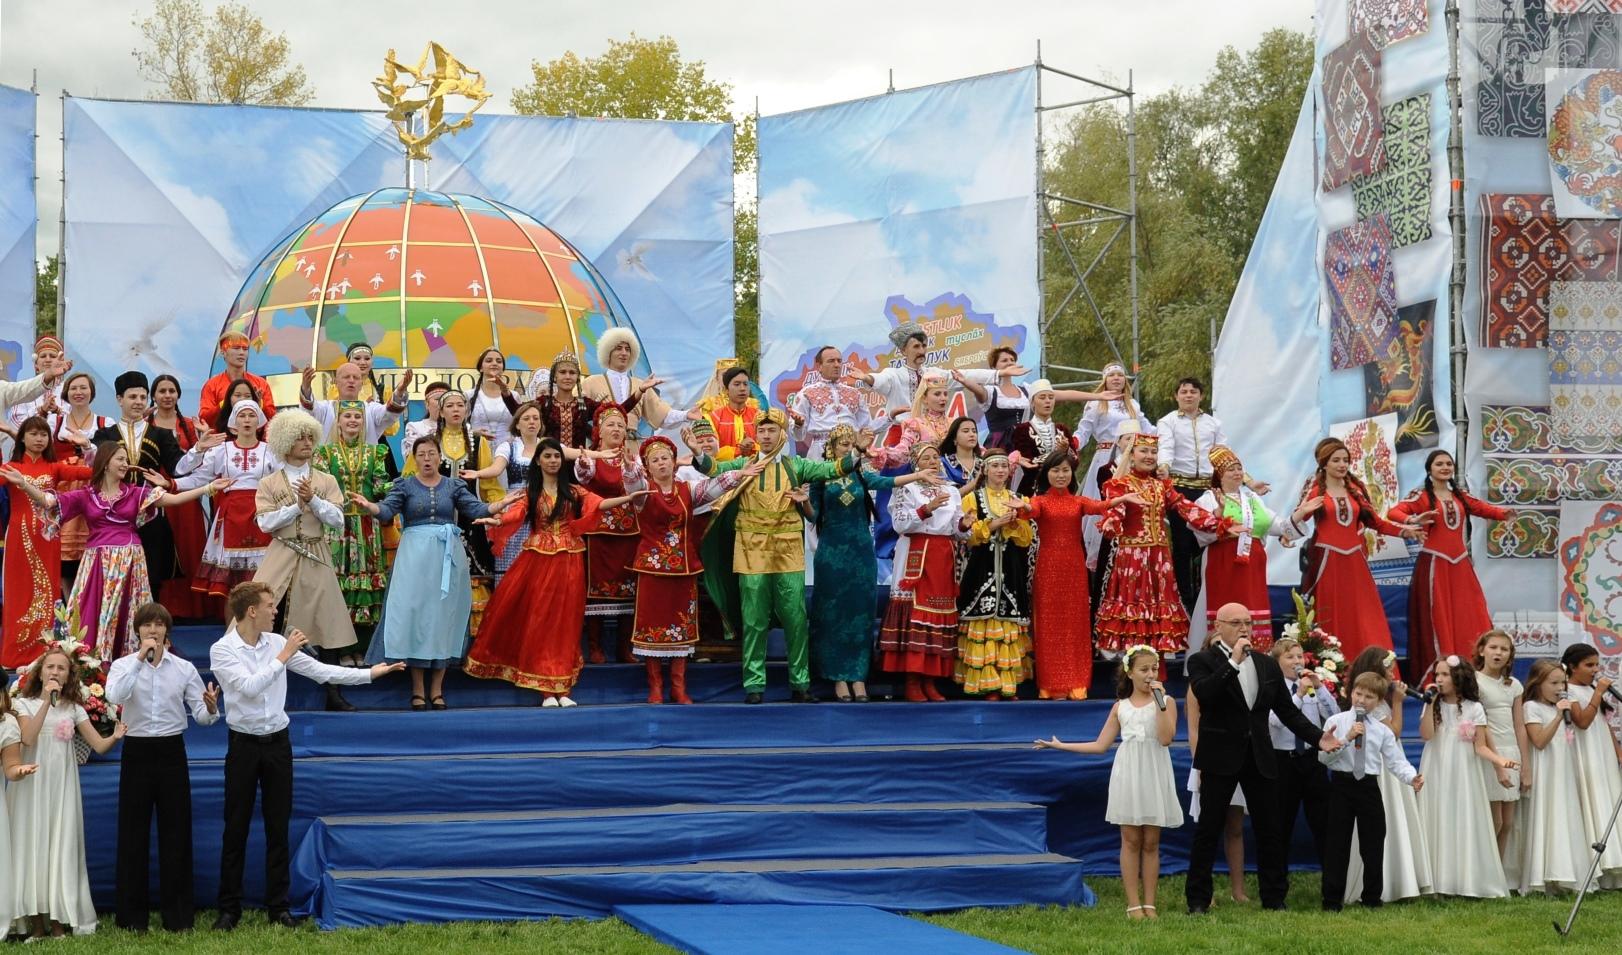 Объявлен прием заявок от некоммерческих организаций на конкурс по предоставлению субсидий на реализацию проектов, направленных на укрепление единства российской нации и этнокультурное развитие народов, проживающих в Самарской области